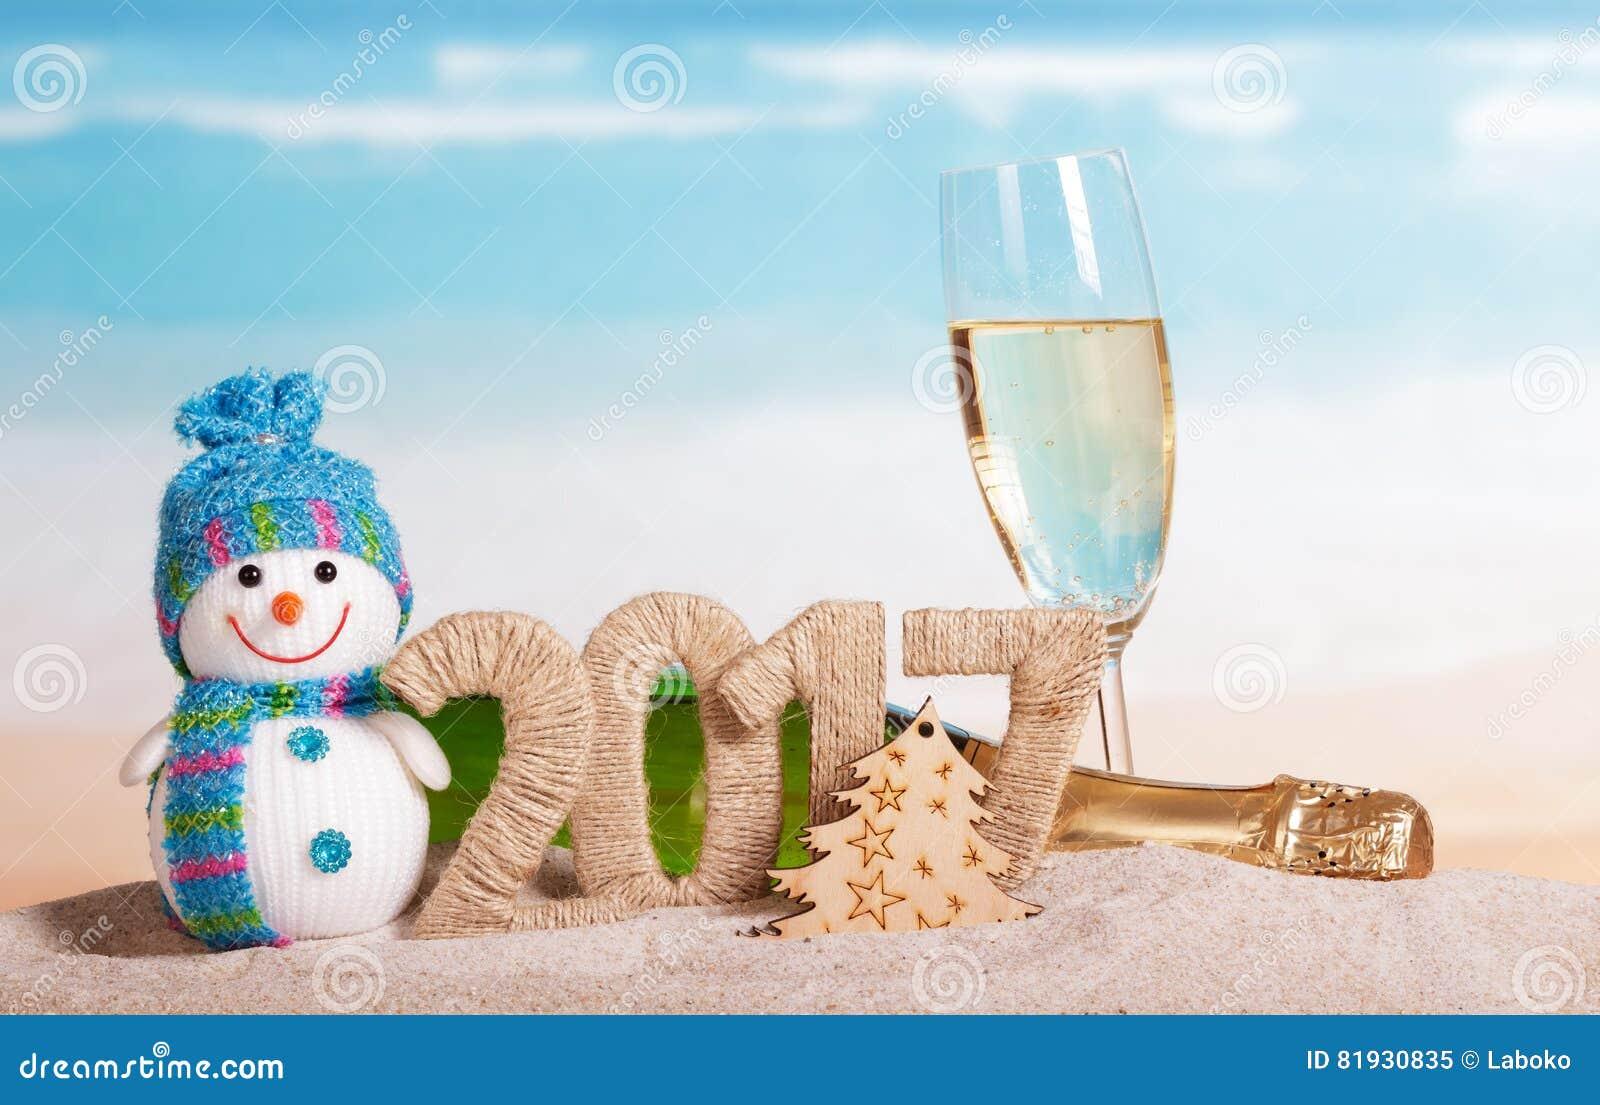 Надпись 2017, шампанское, снеговик рождества в песке